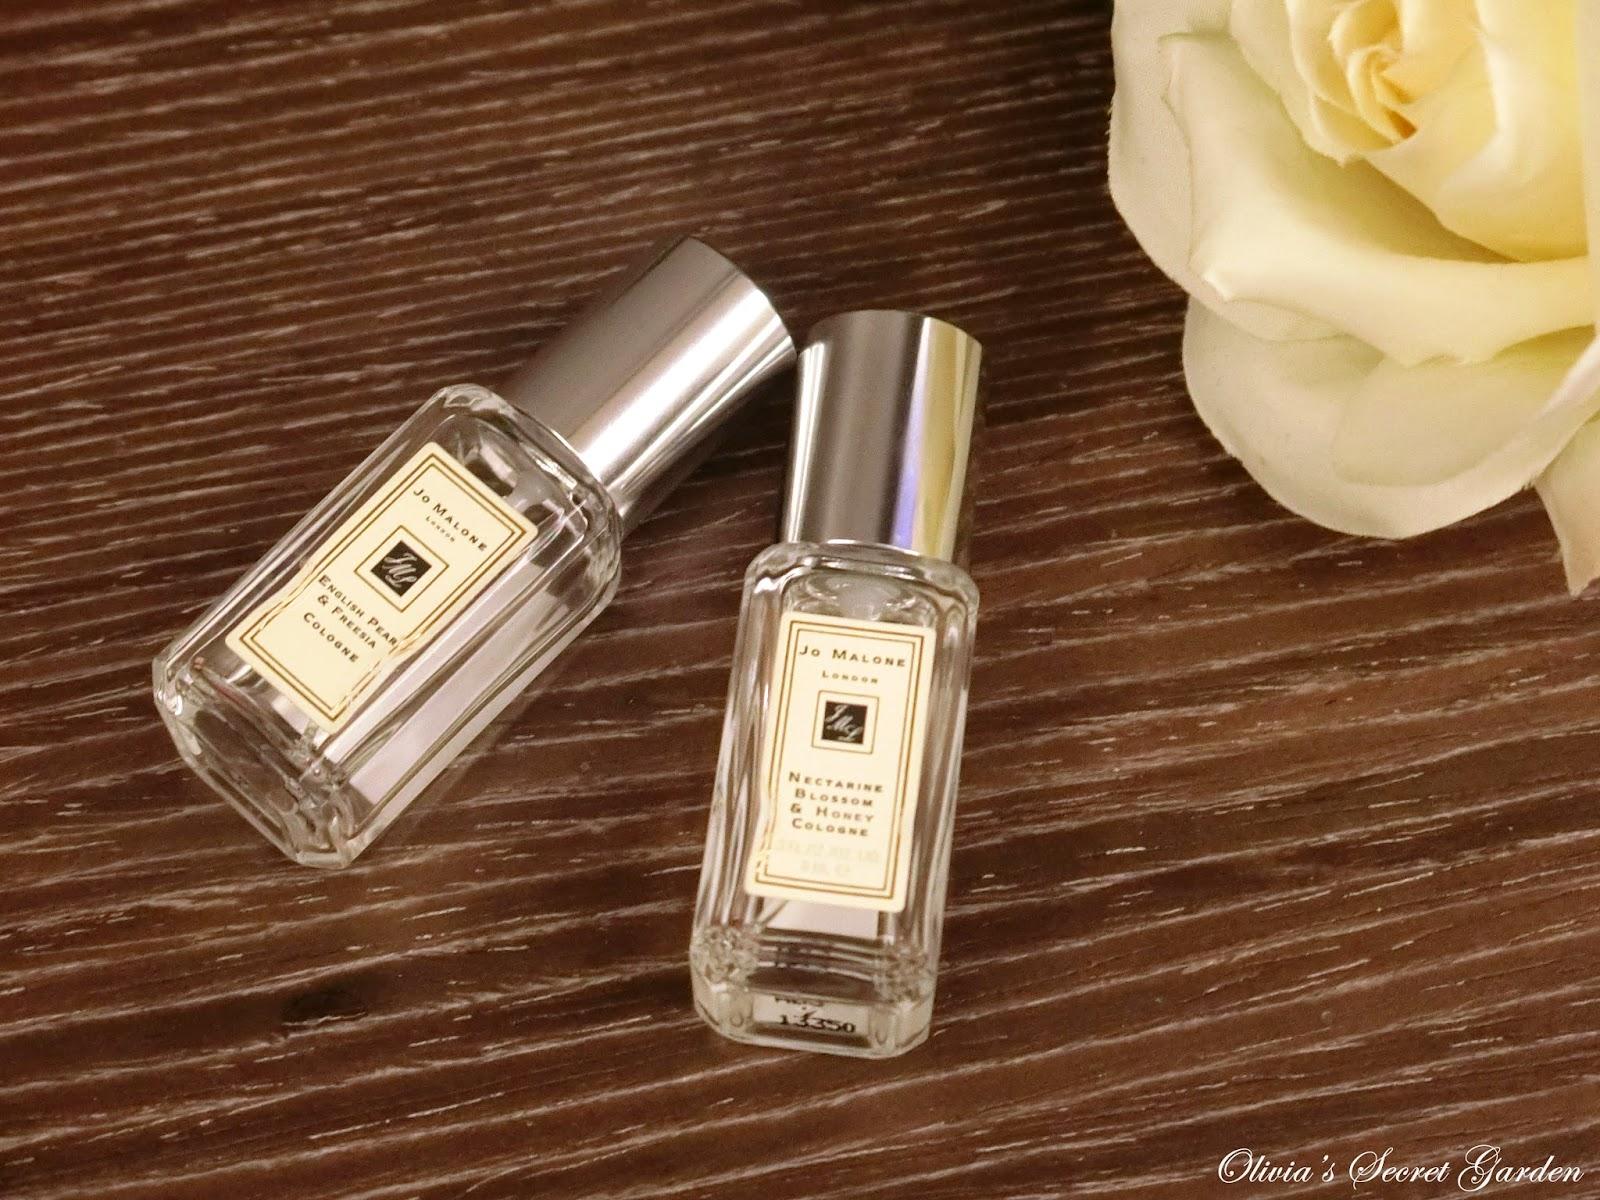 入門香水推薦! 五款非嘗試不可的迷人香氛 | 美人會部落格 | VOGUE 時尚網